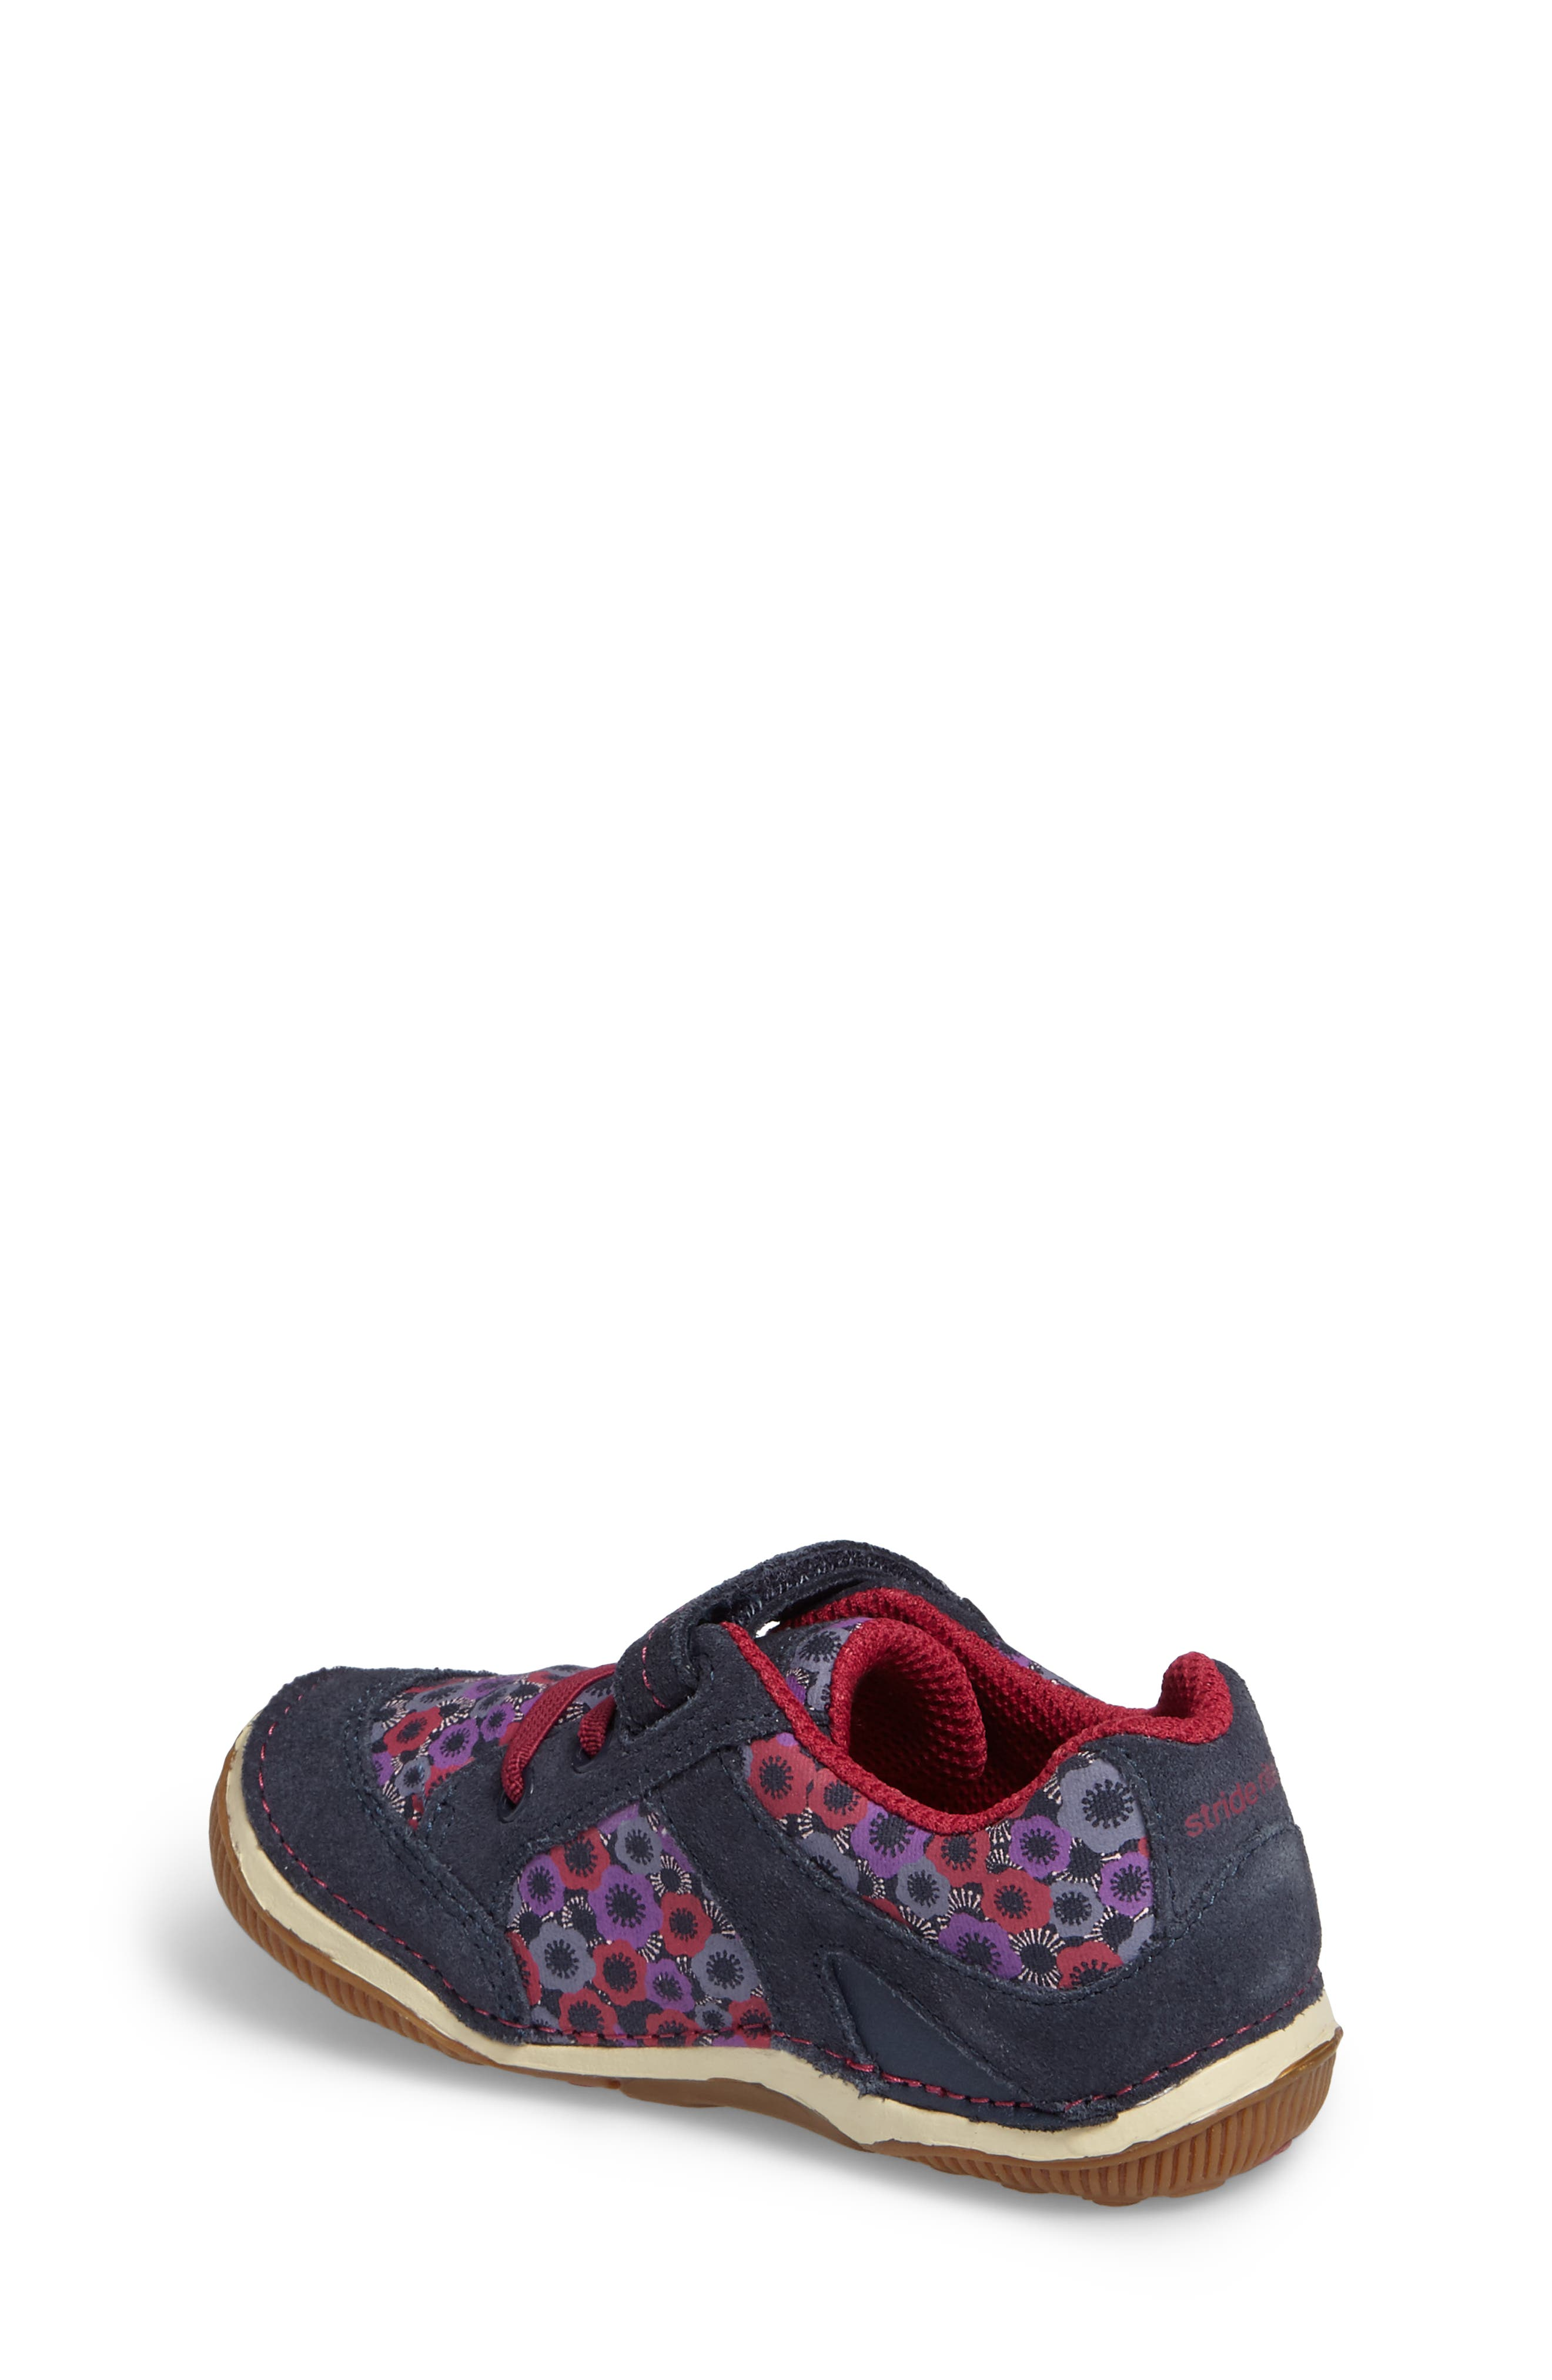 Armorie Flower Print Sneaker,                             Alternate thumbnail 2, color,                             410